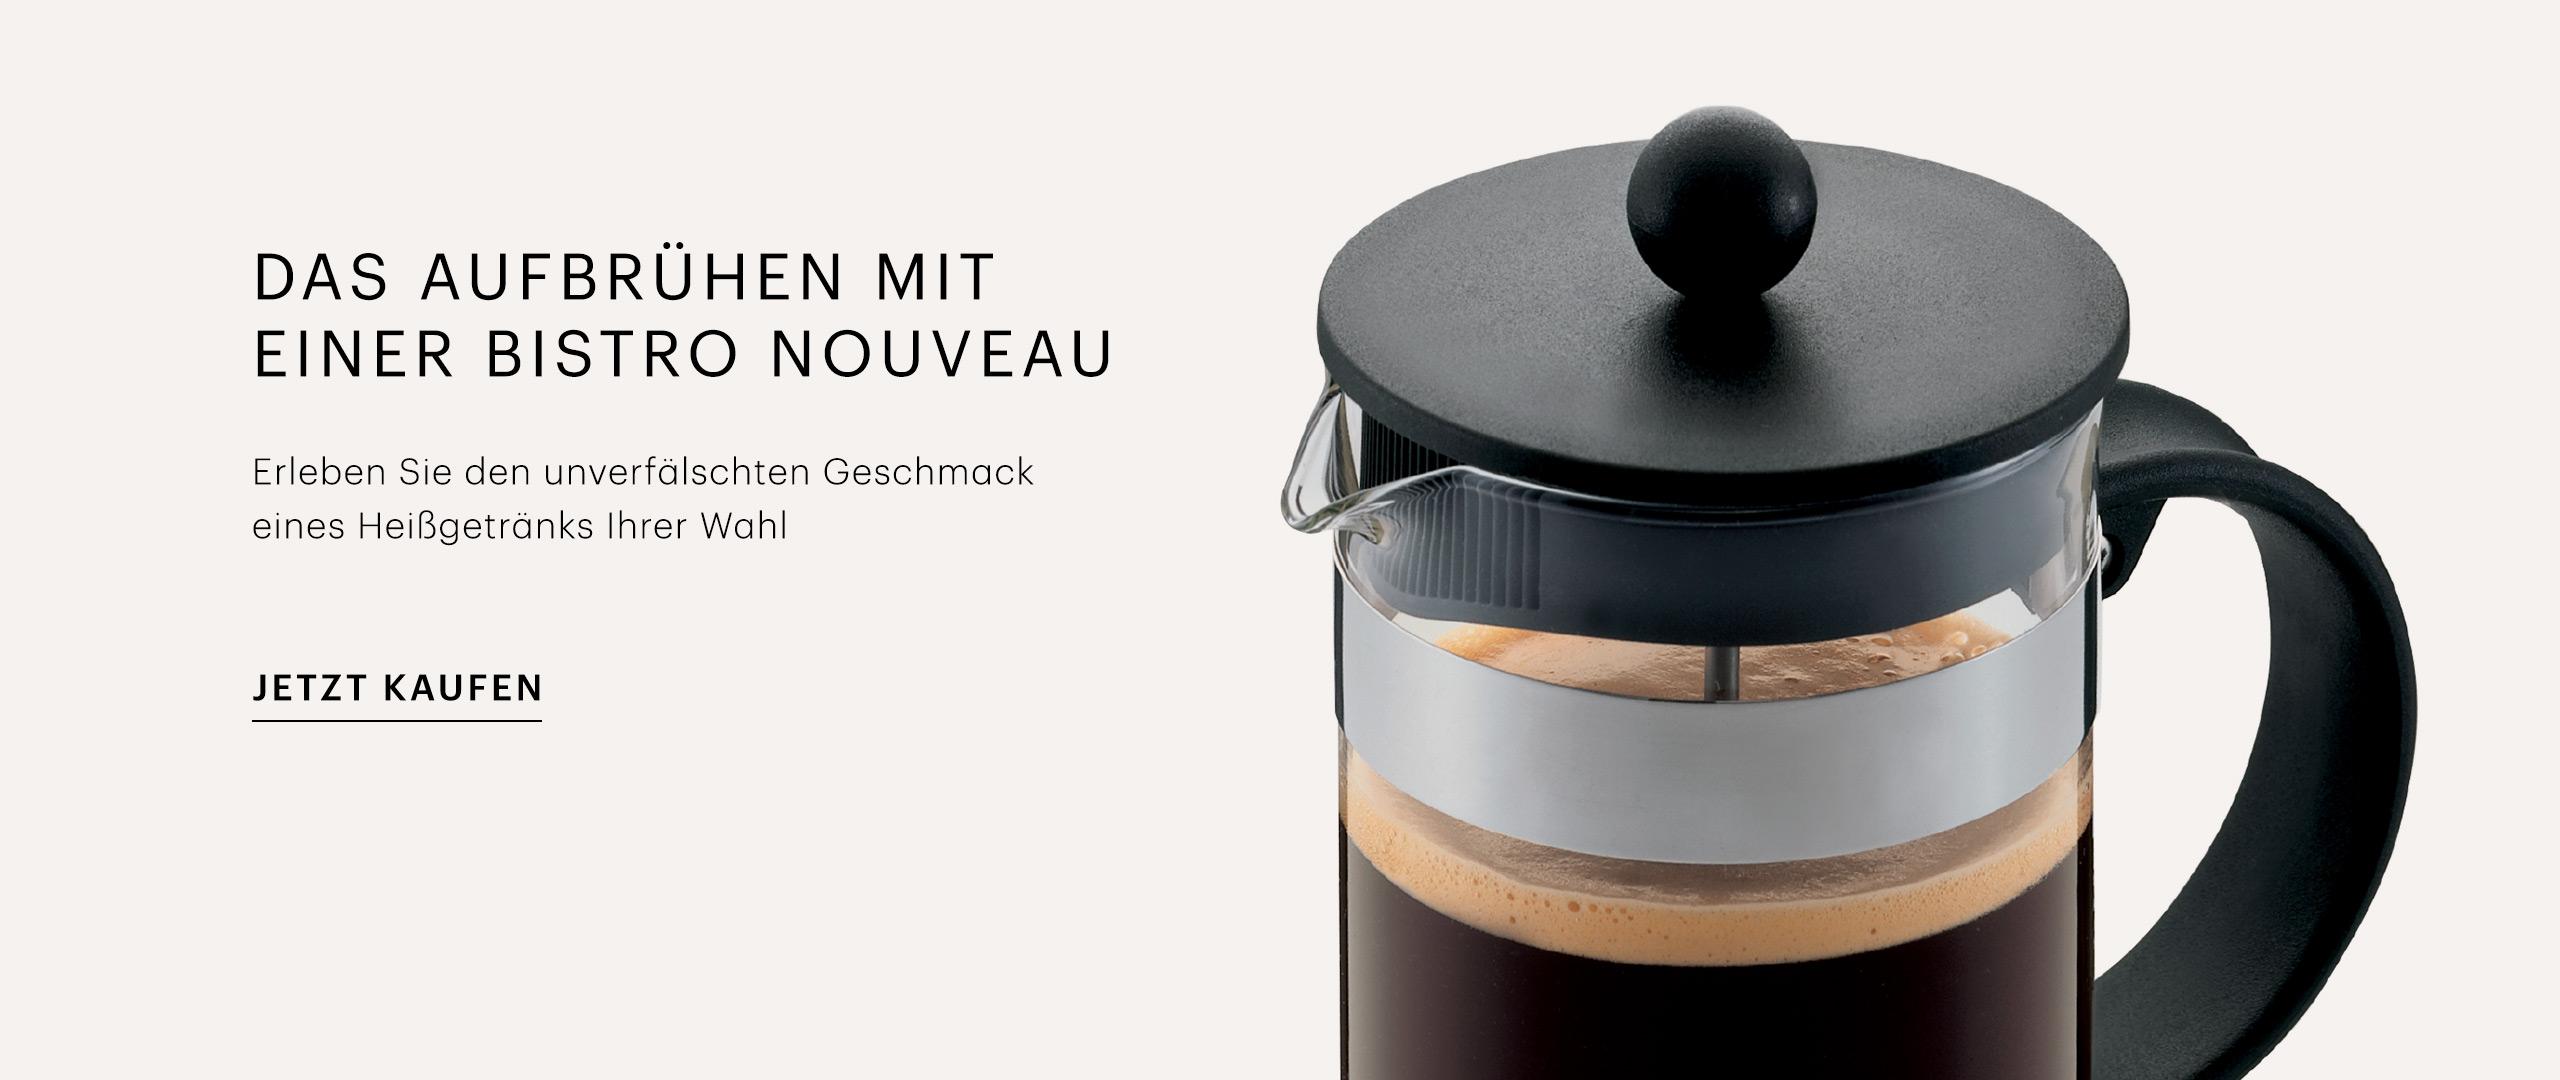 BEU - Flash Bistro Nouveau DE